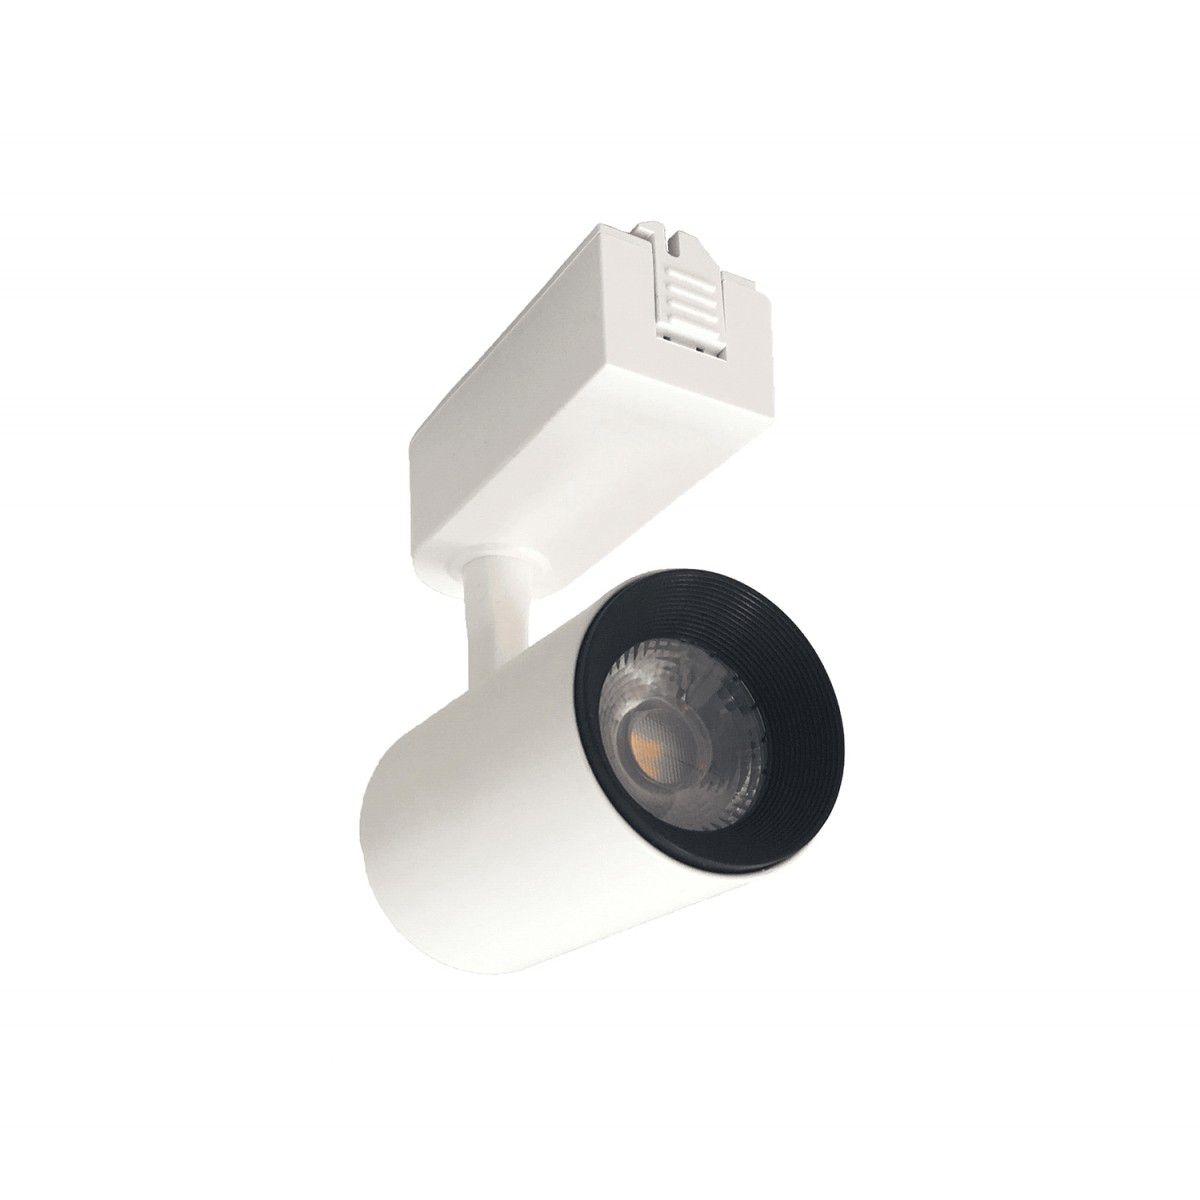 KIt Trilho Eletrificado 60CM + 3 Spots Branco LED 7W 3000K